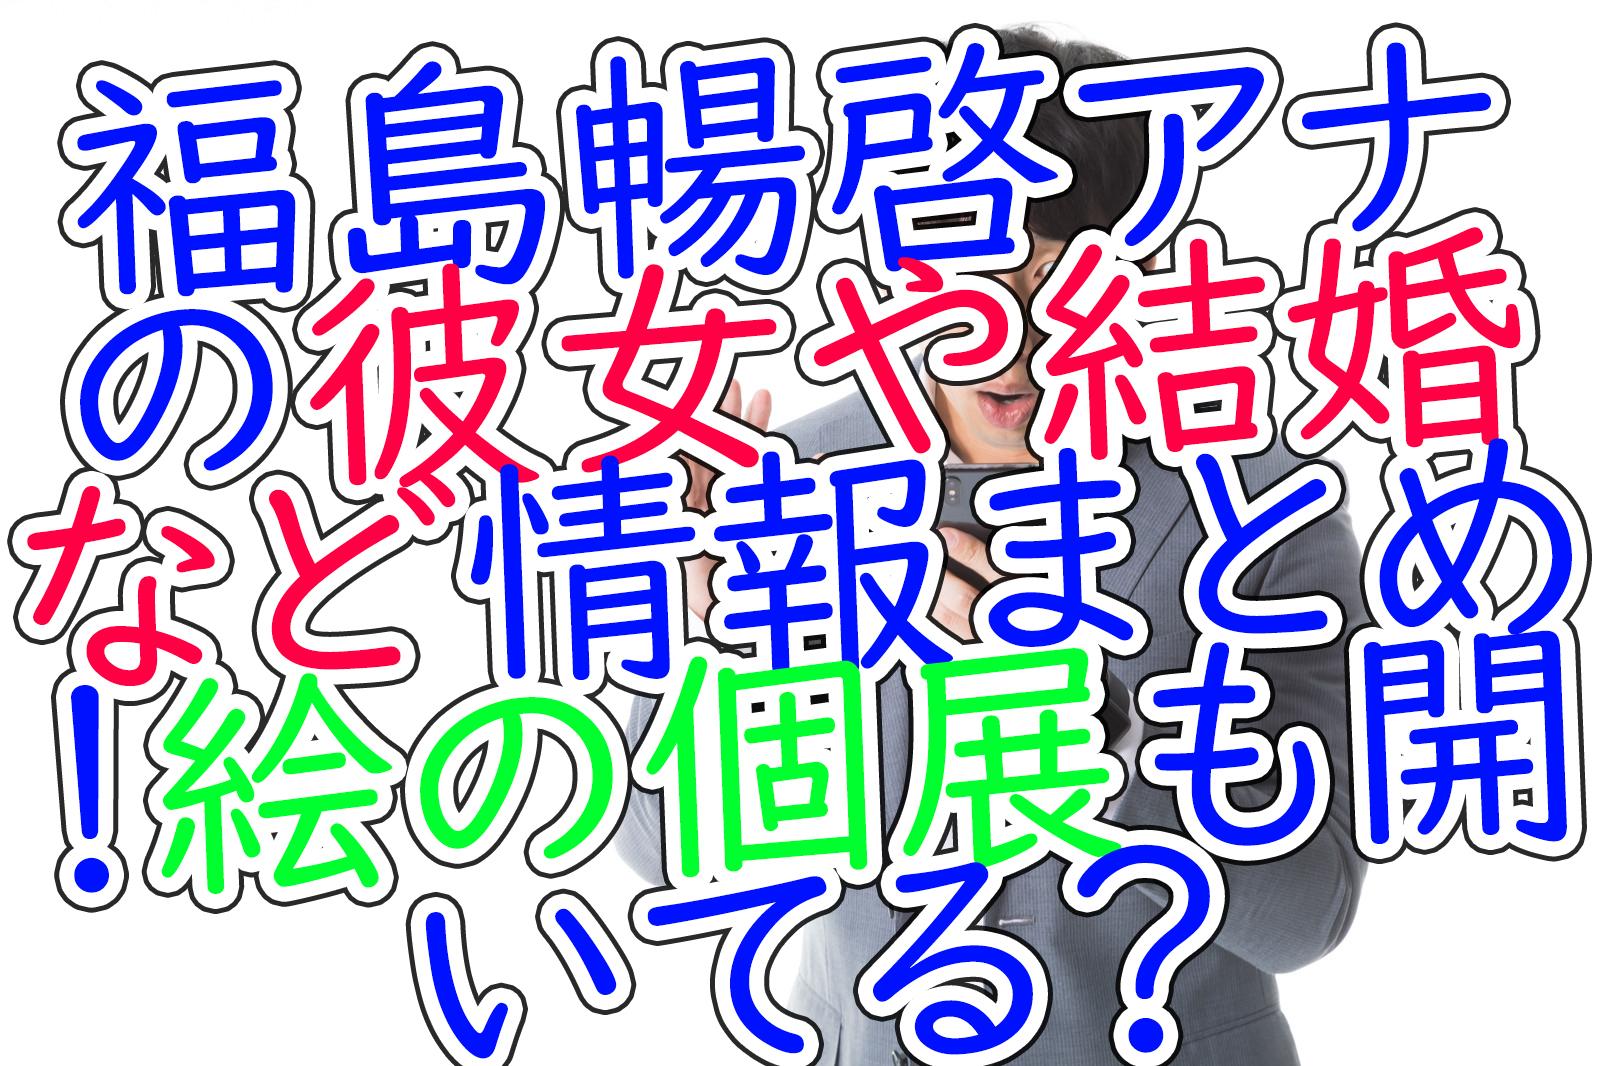 福島暢啓の画像 p1_24